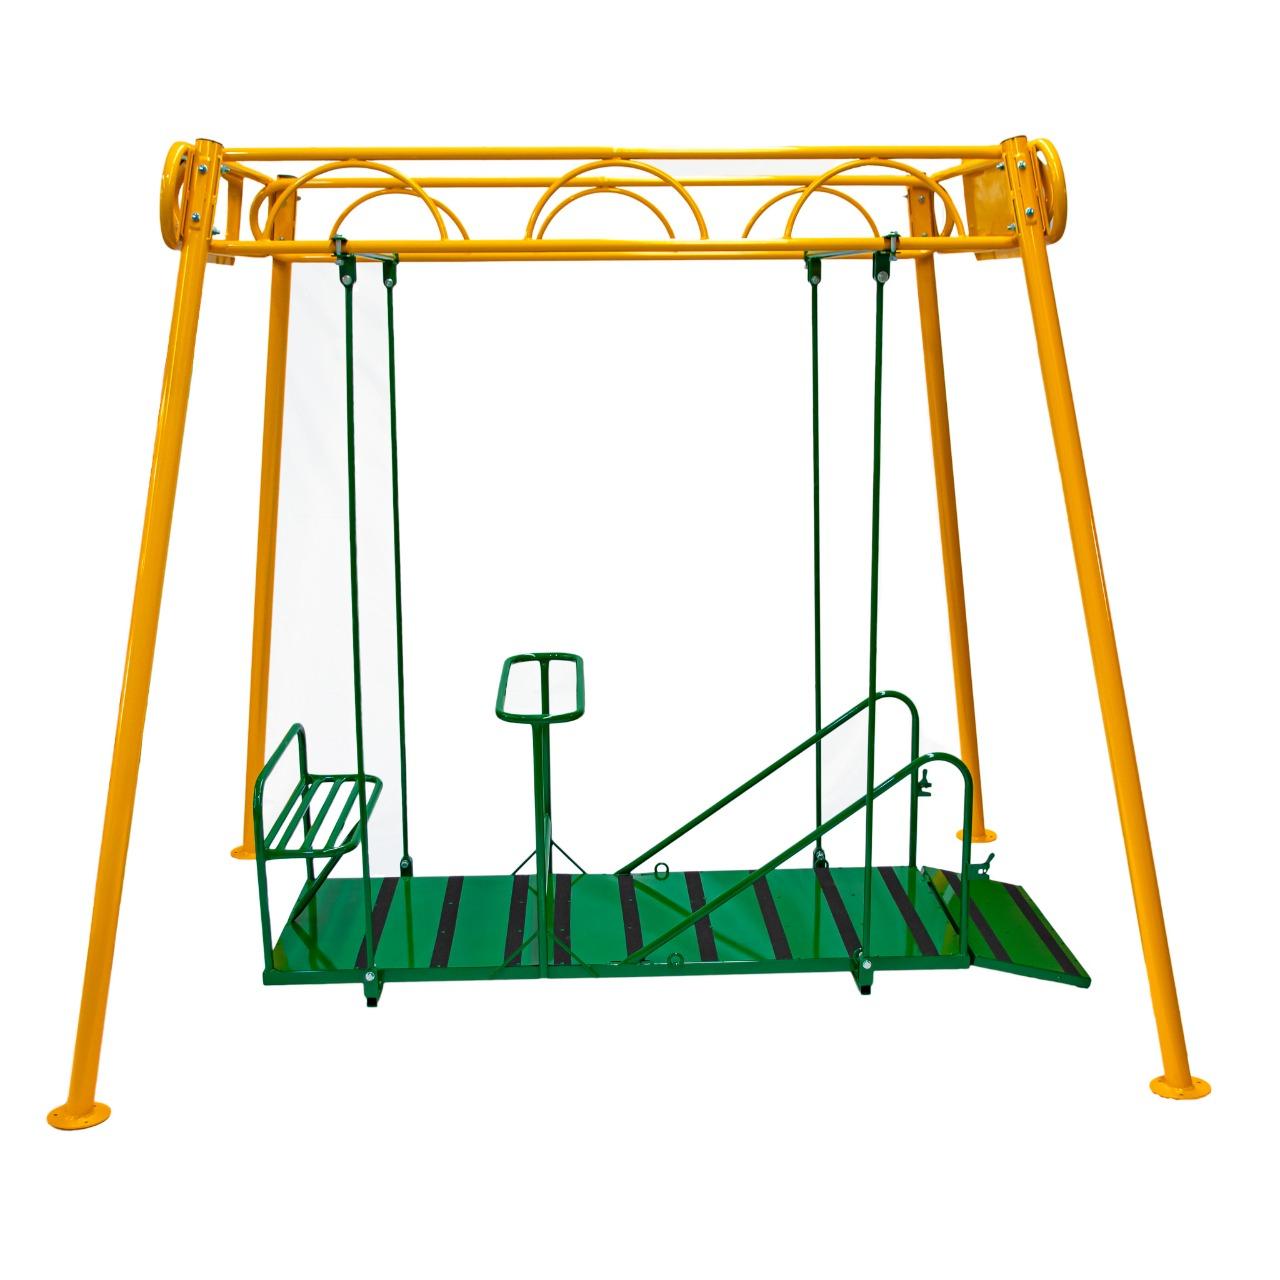 Balanço Adaptado Frontal  - Alegria Brinquedos